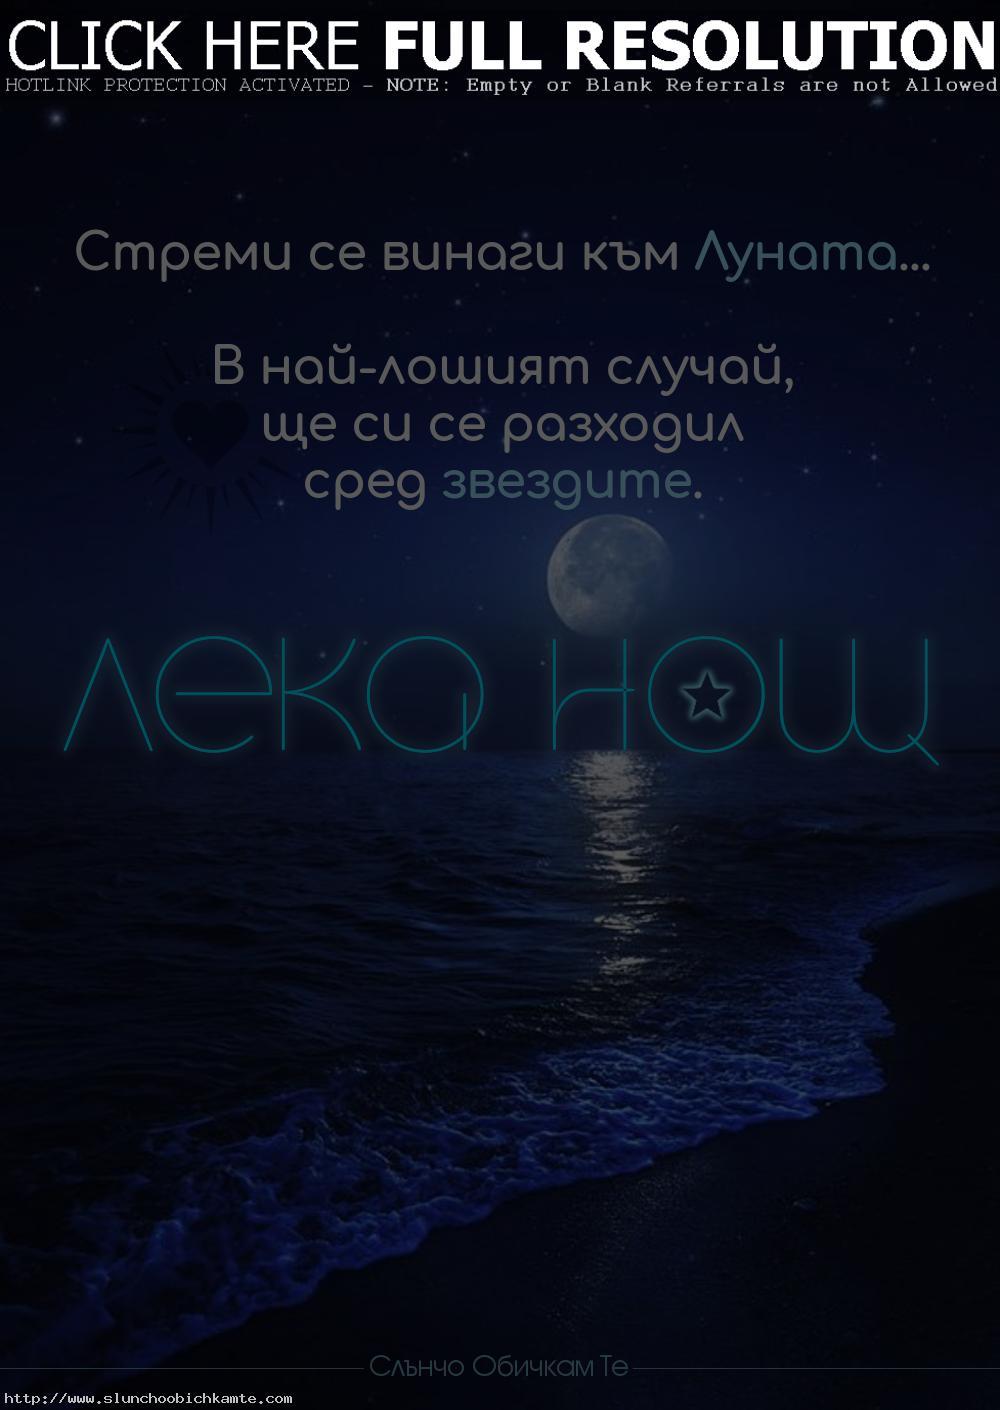 Стреми се винаги към Луната. В най-лошият случай ще си се разходил сред звездите. Лека нощ! - Пожелания за лека нощ, спокойна нощ статуси, сладки сънища, спокойни сънища, фрази за лека нощ, цитати за лека нощ, мисли за лека нощ